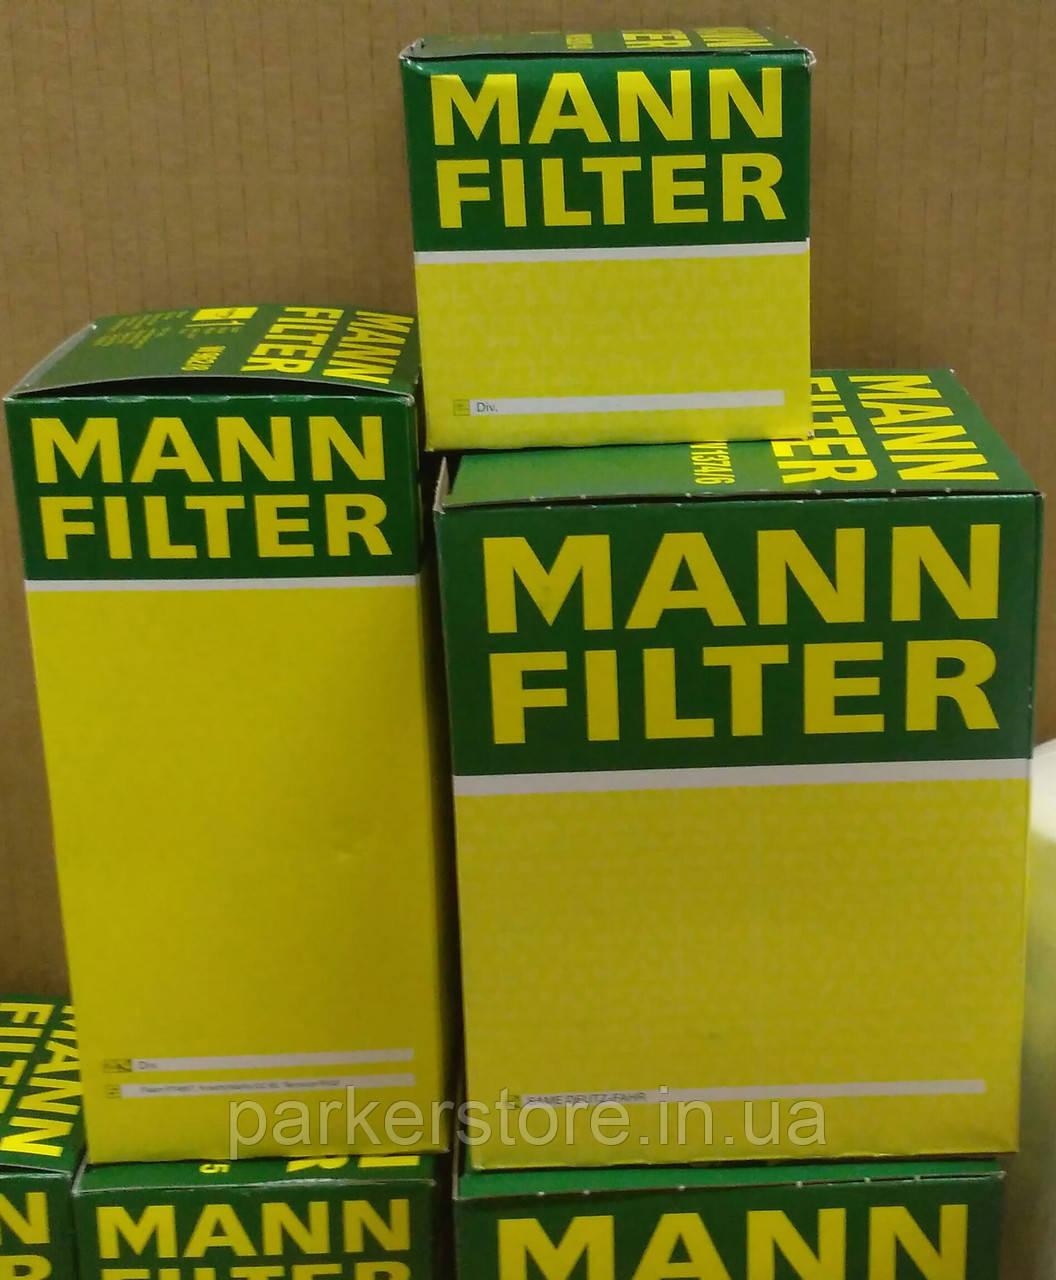 MANN FILTER / Повітряний фільтр / C 30 139 / C30139